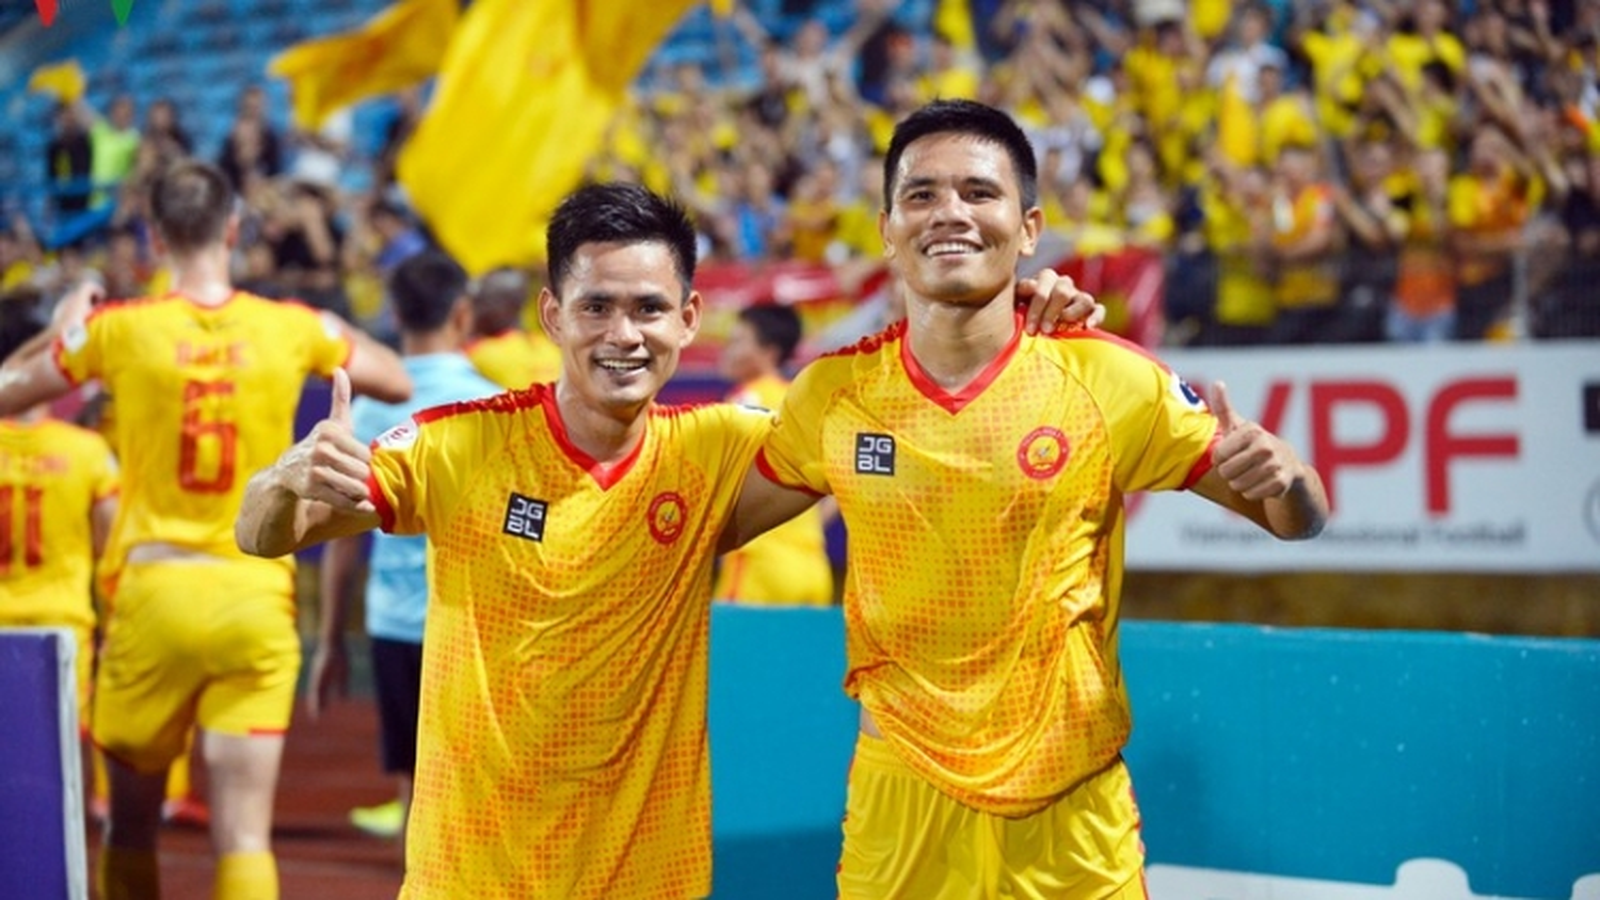 Lịch thi đấu V-League 2020 hôm nay (5/7): Viettel đại chiến Hà Nội FC